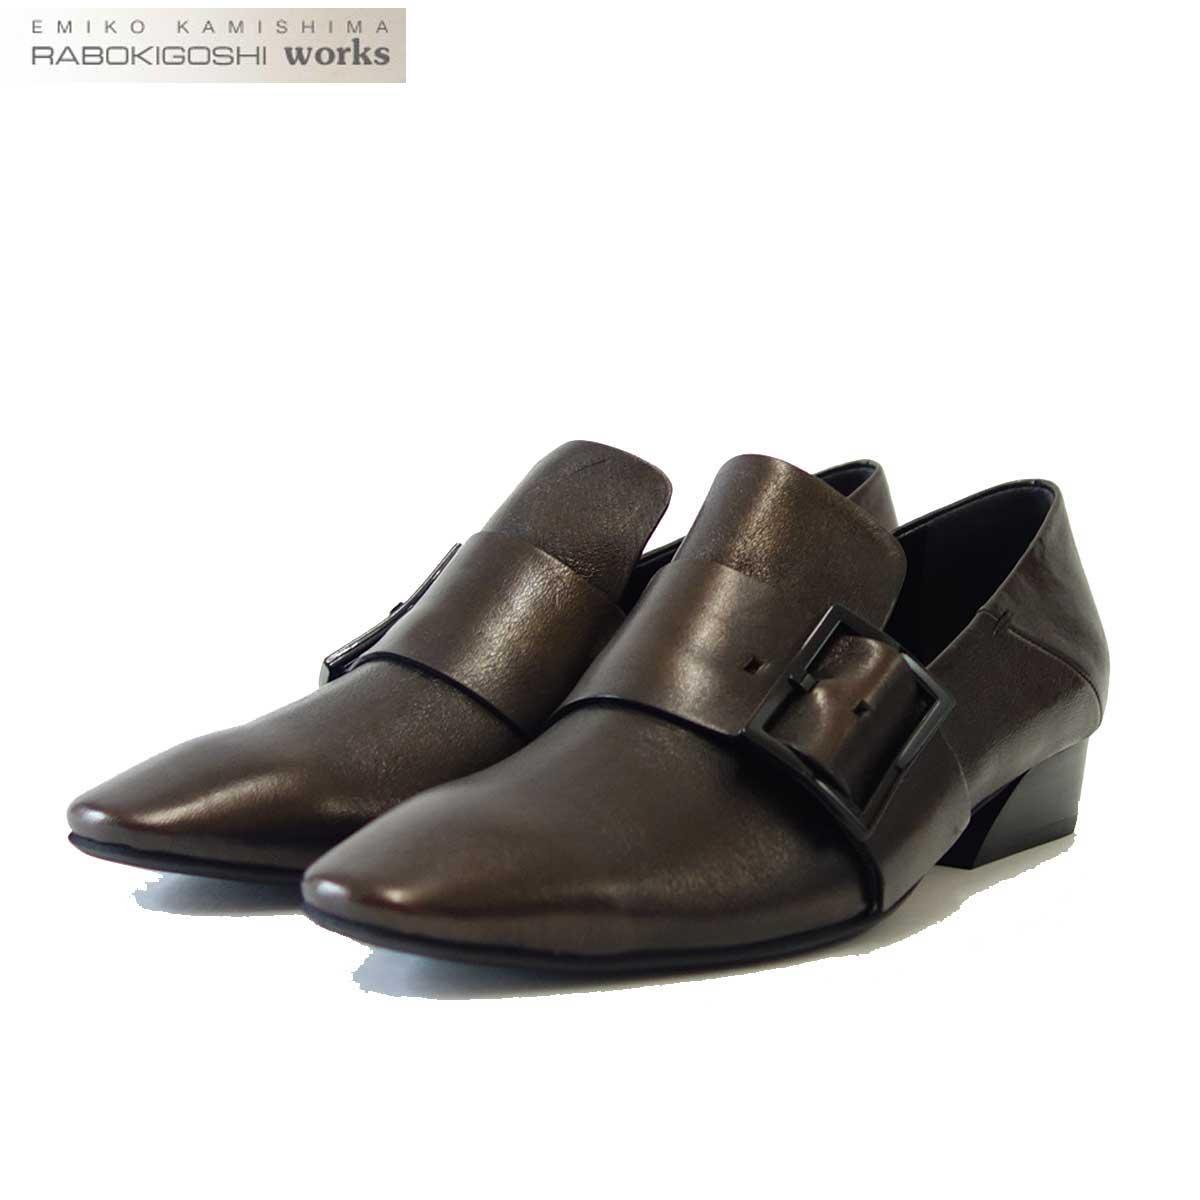 RABOKIGOSHI works(ラボキゴシ ワークス) 12241 ダークブラウン ベルテッドシューズ 「靴」